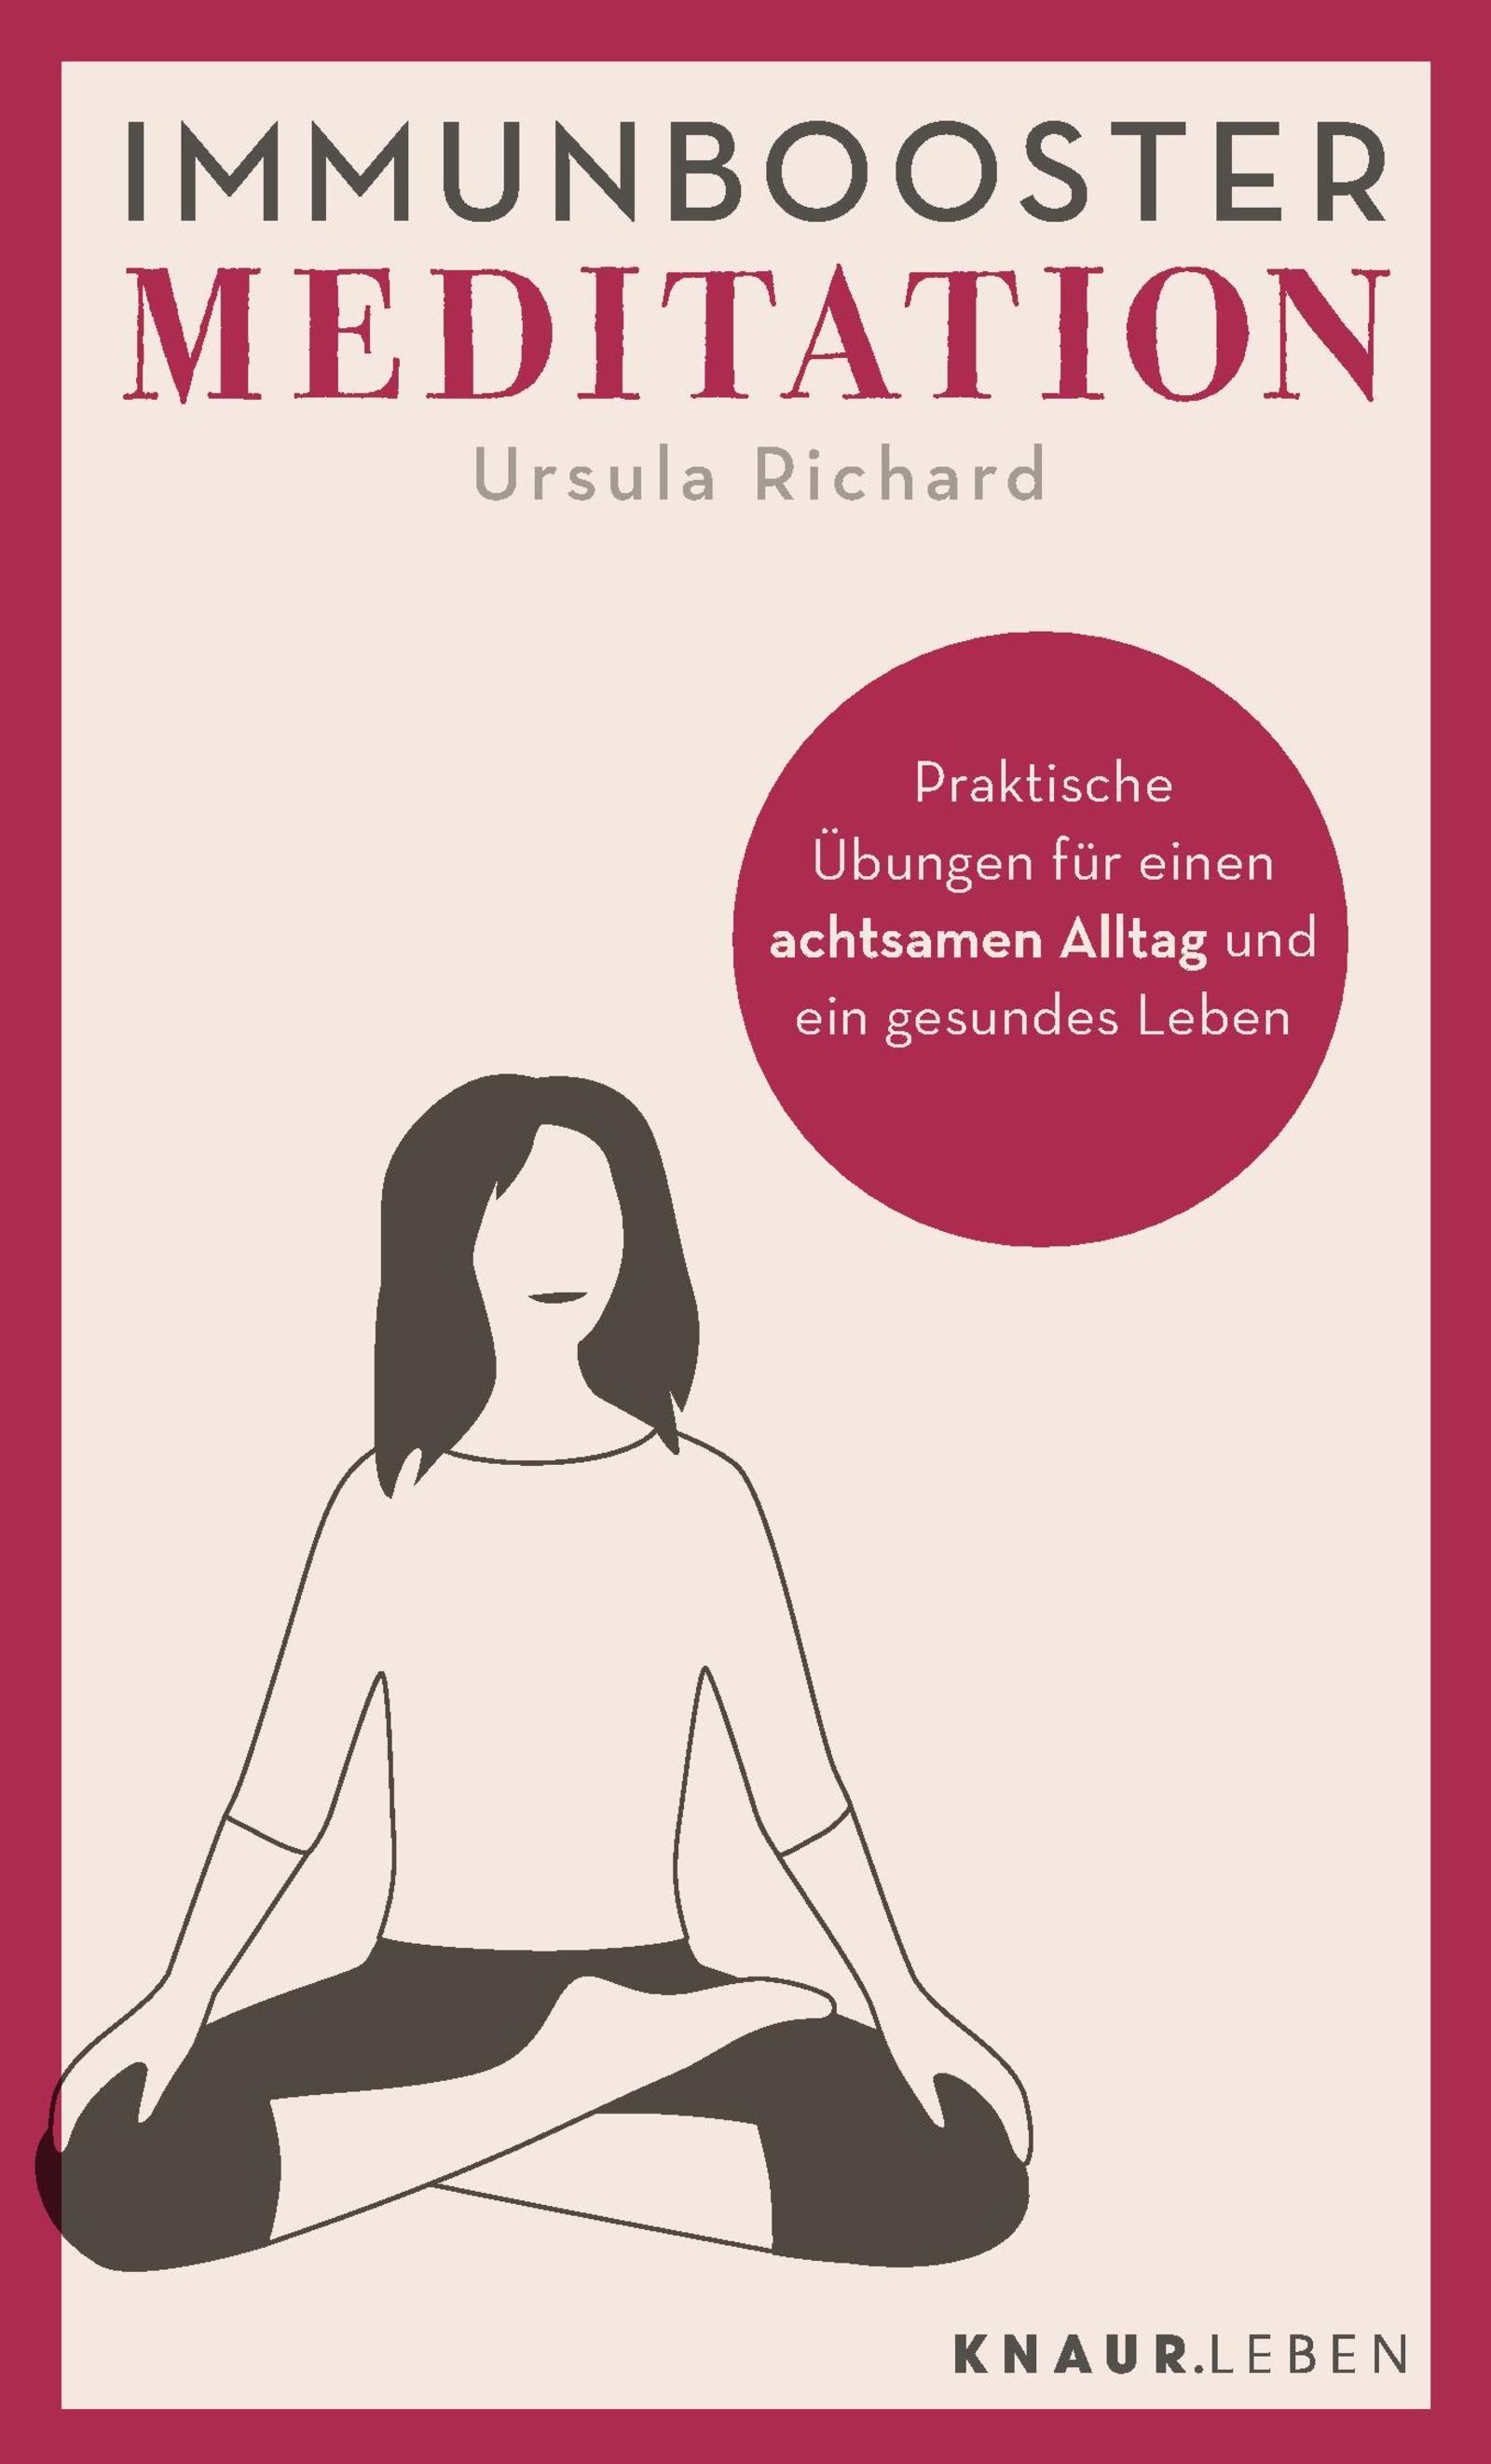 Immunbooster Meditation